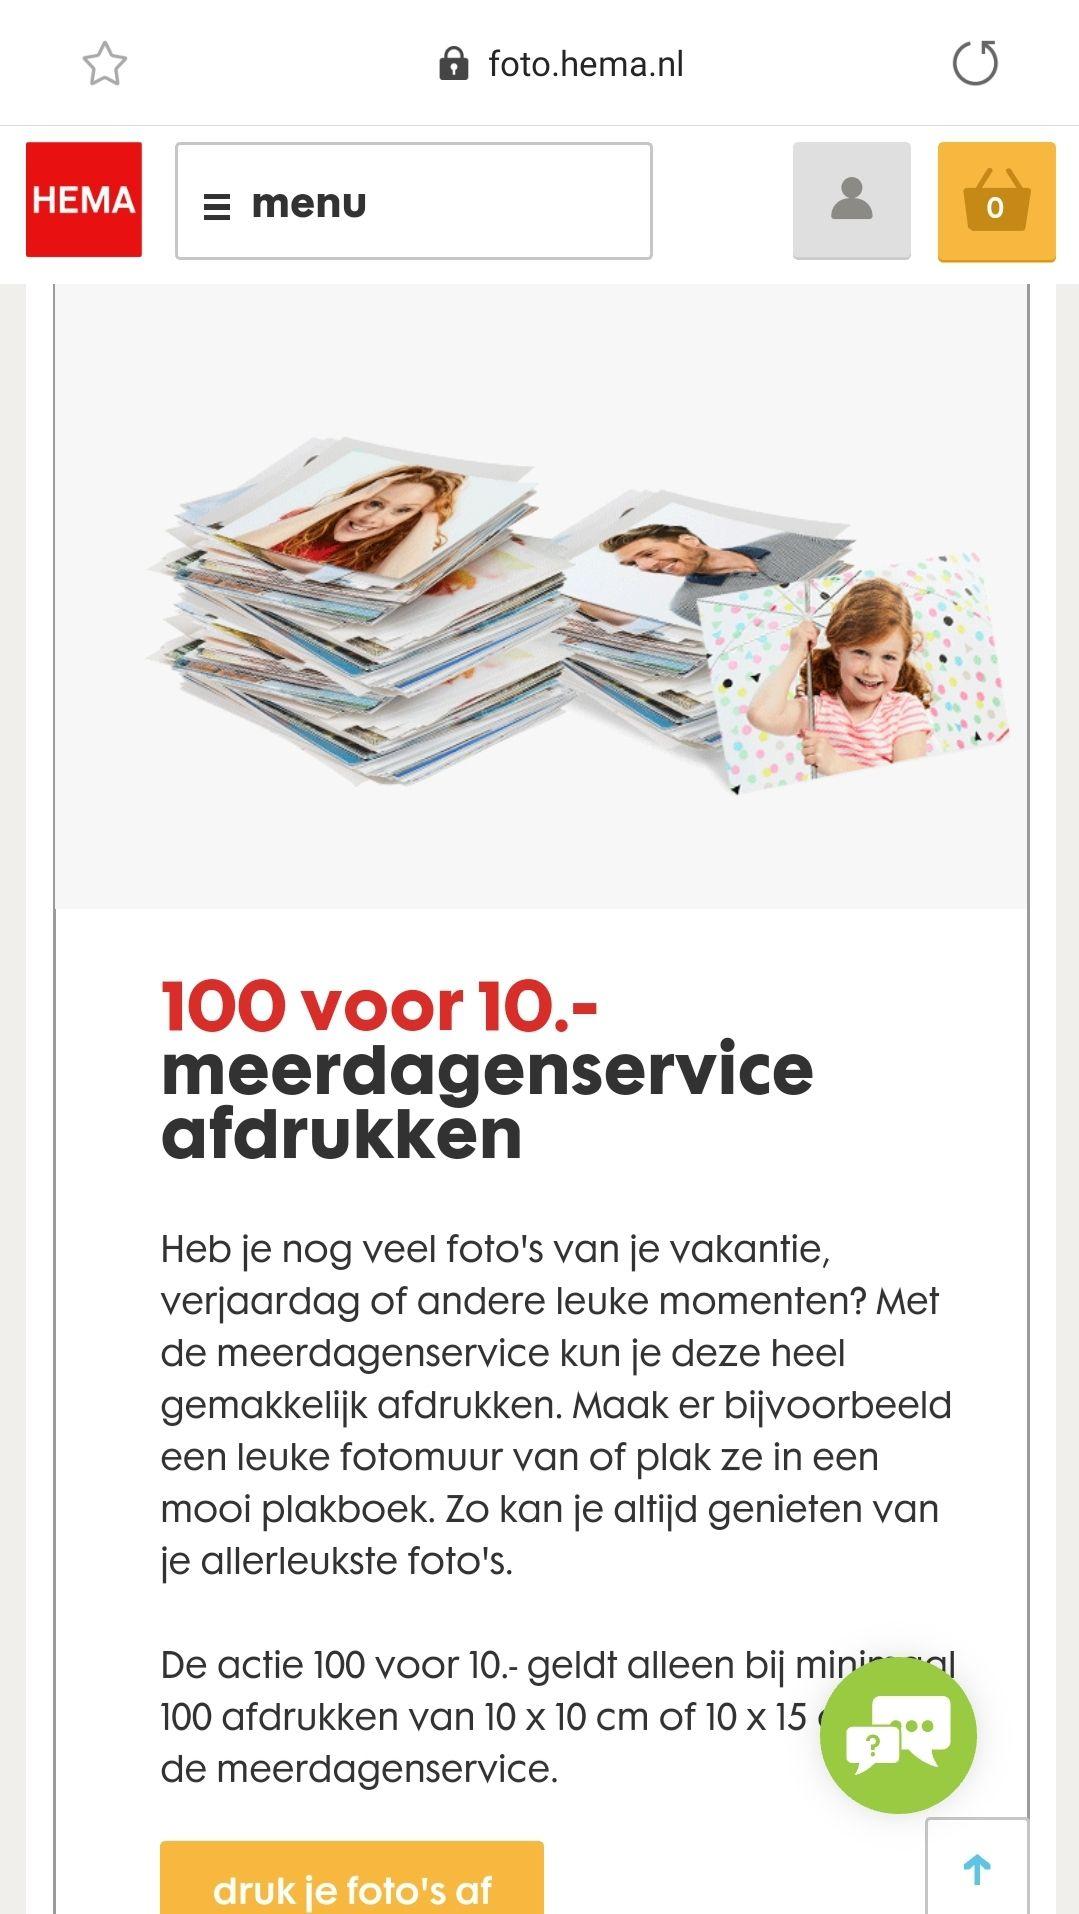 100 foto's €10 @ Hema.nl